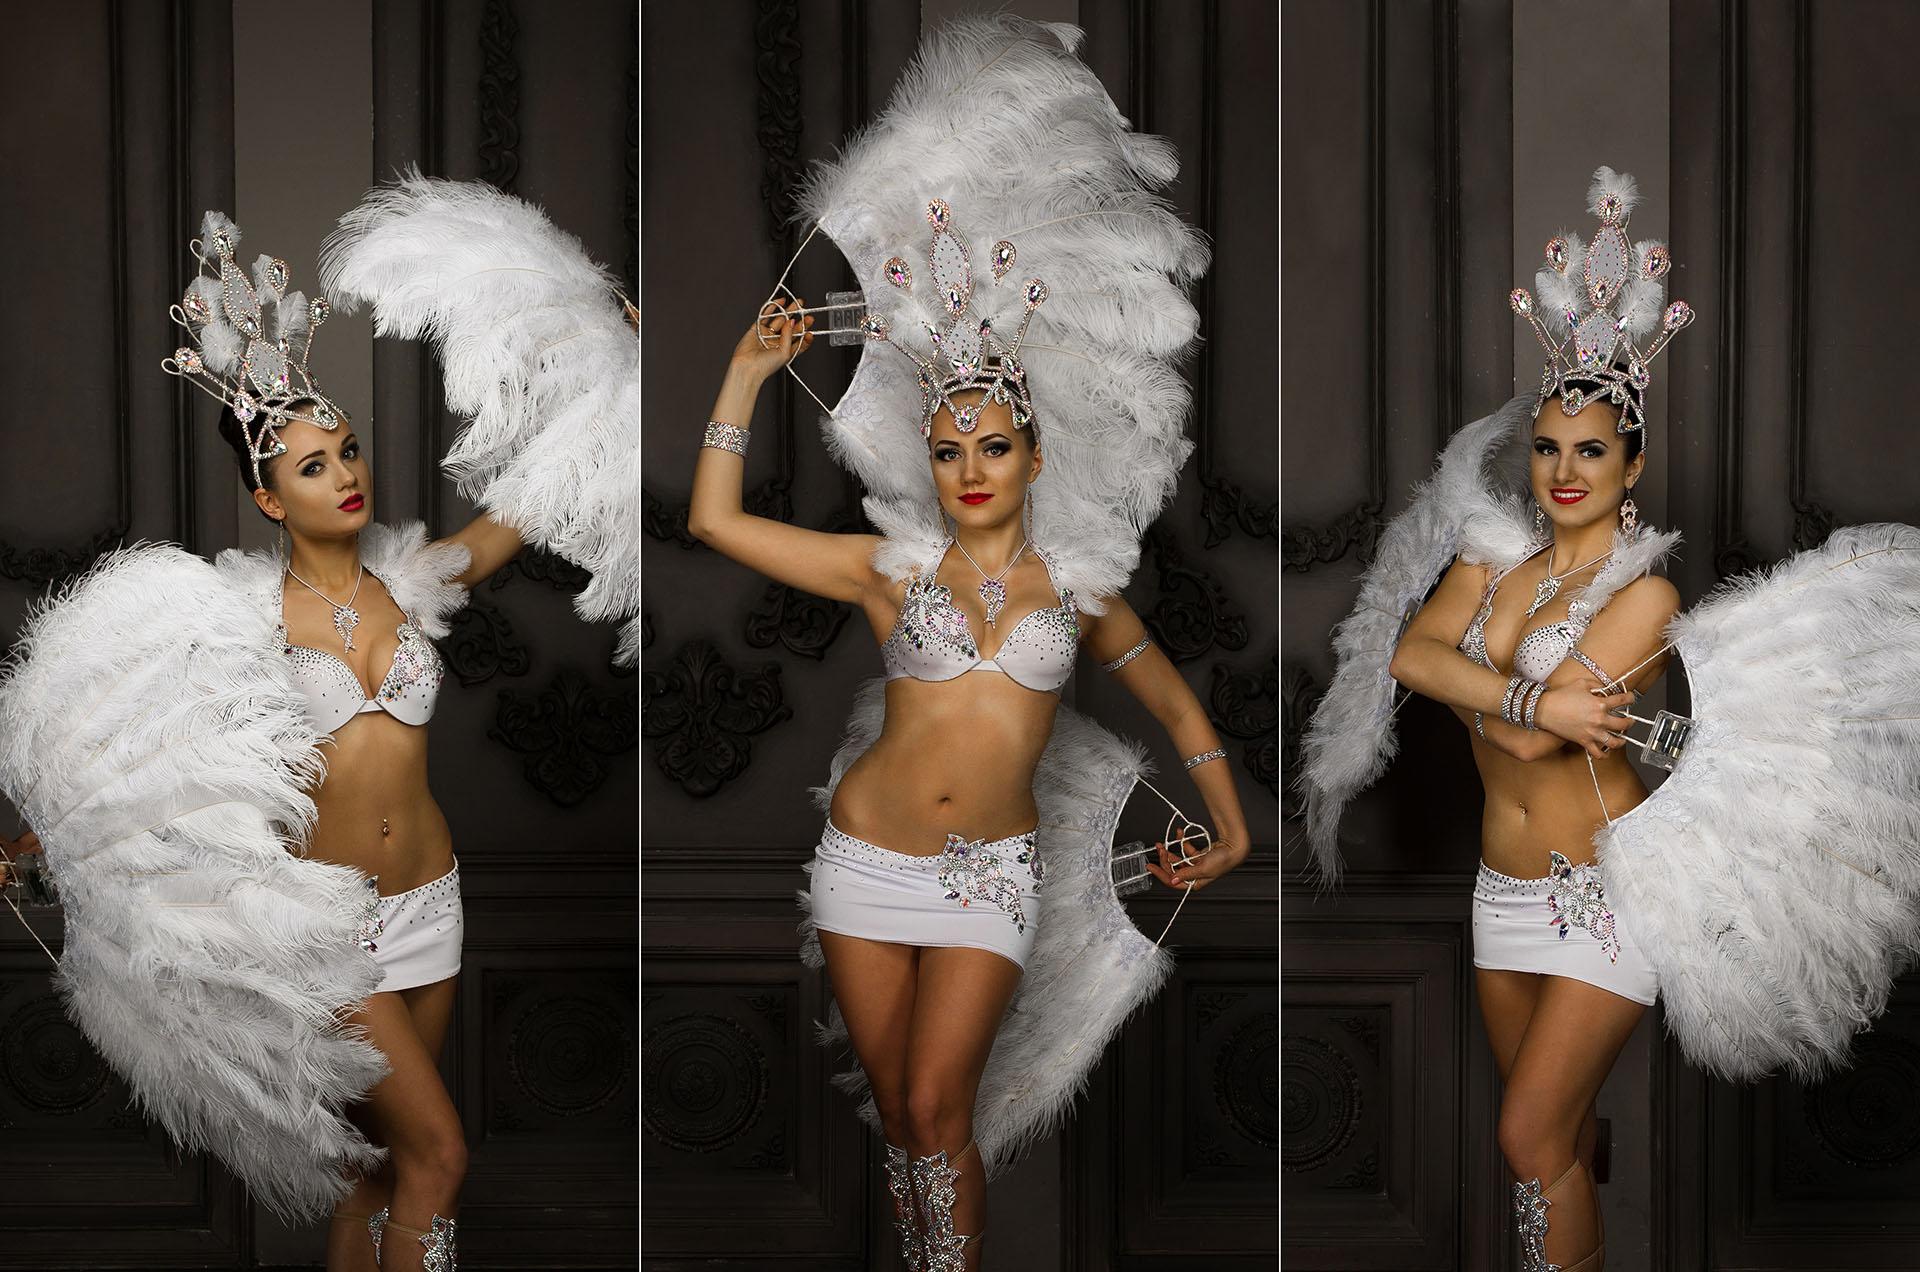 Антре | Шоу-балет Exotic Art в Санкт-Петербурге